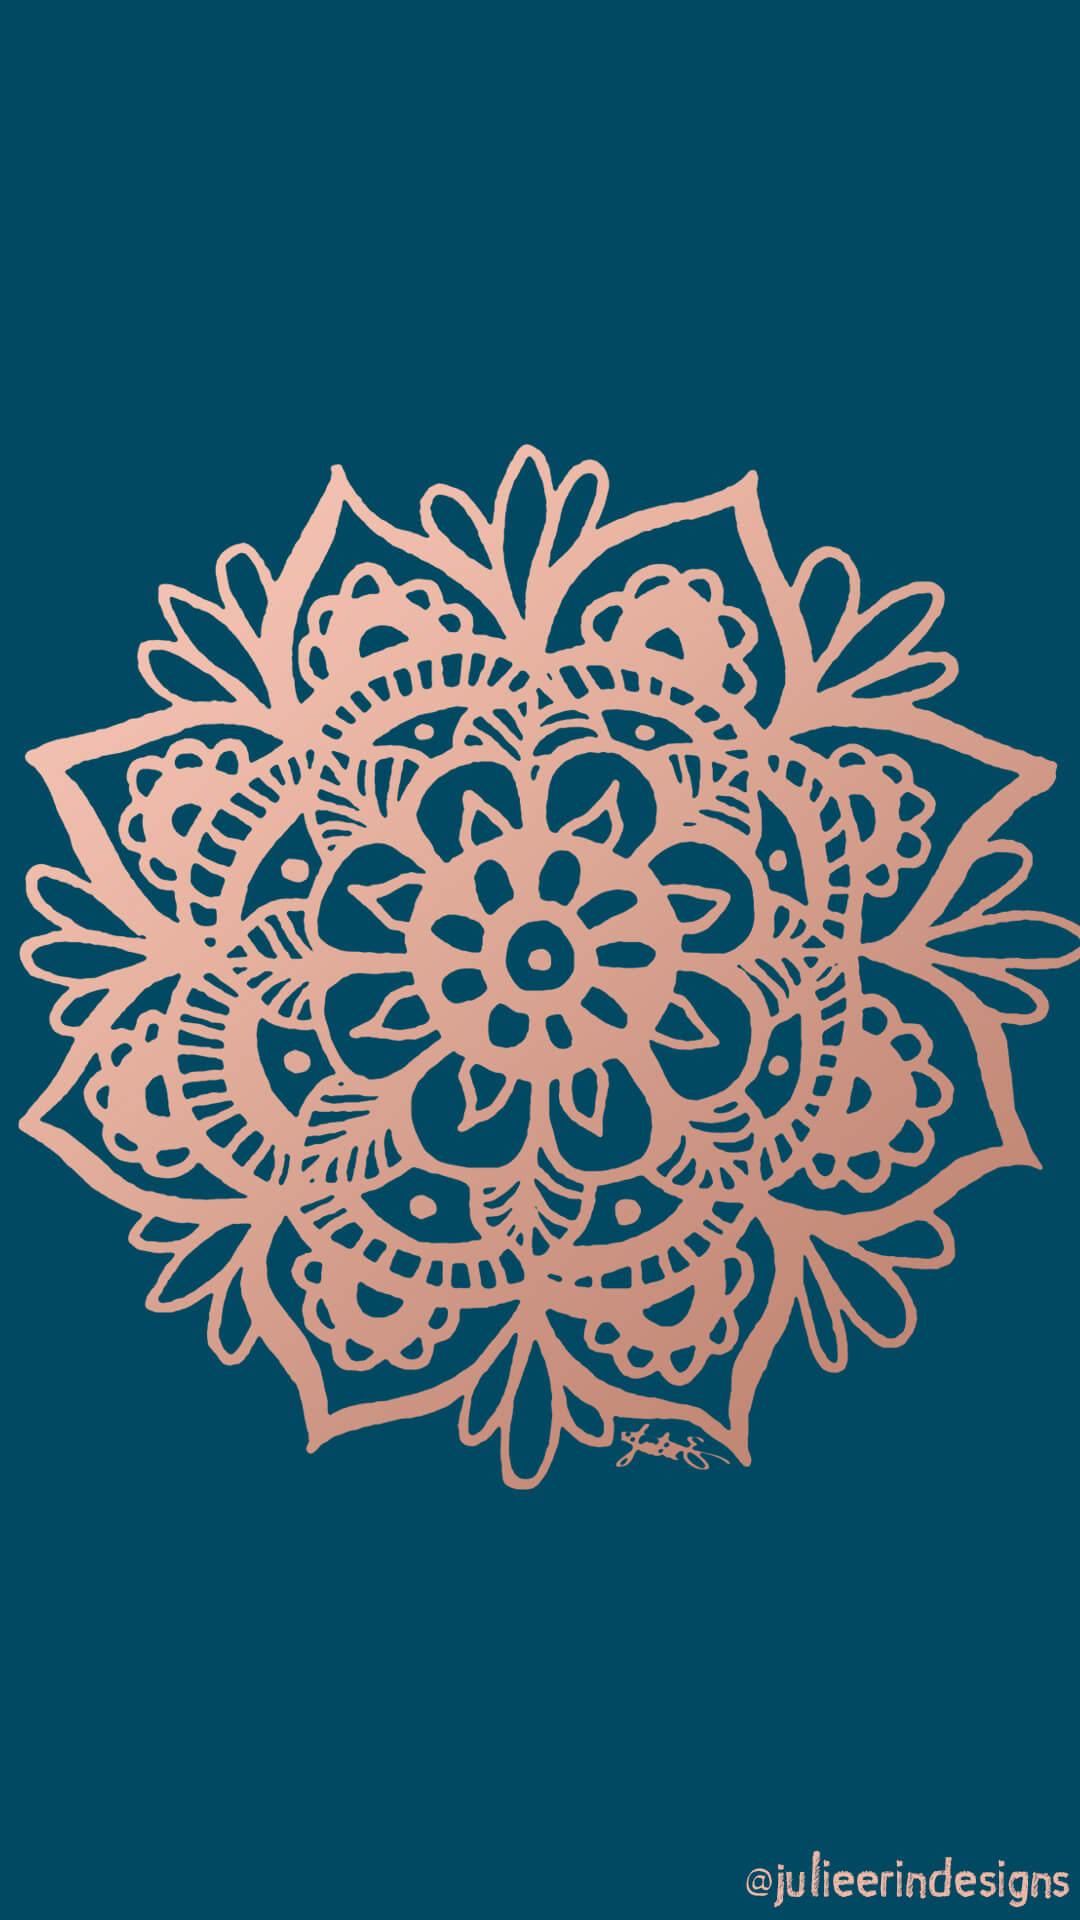 Free Phone Wallpaper Rose Gold Mandala Mandalas Julie Erin Designs